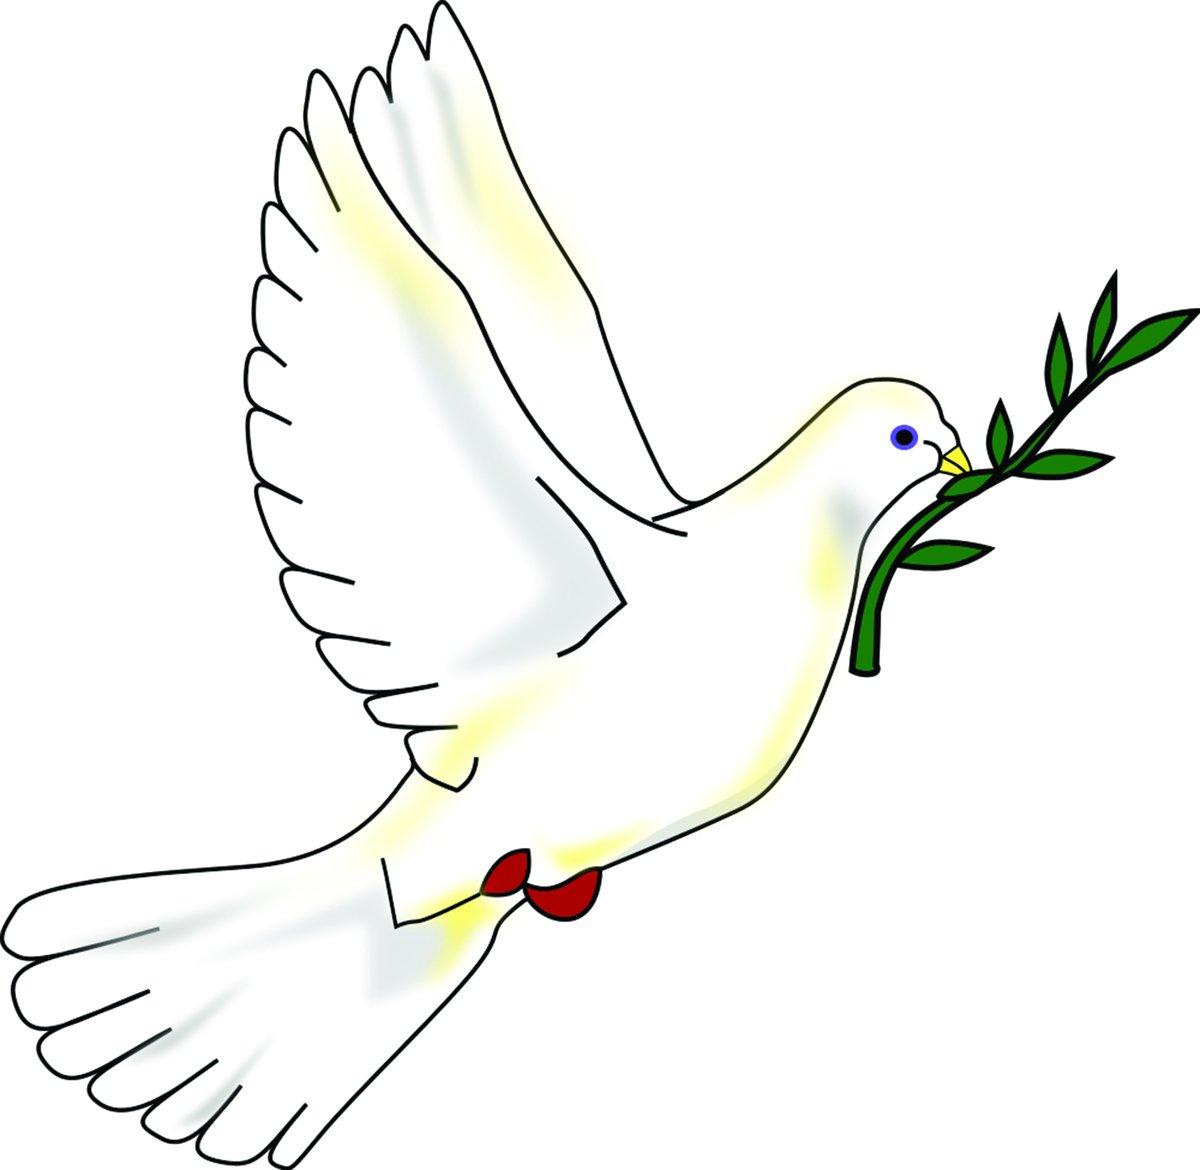 Рисунок - голубь мира с зеленой веткой оливы